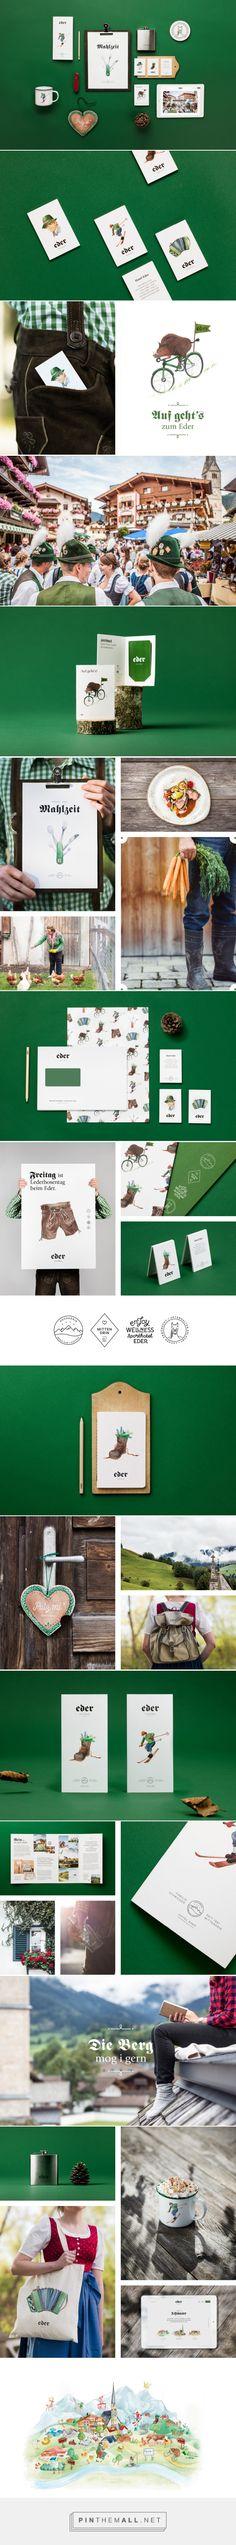 Hotel Eder - Branding on Behance - created via https://pinthemall.net